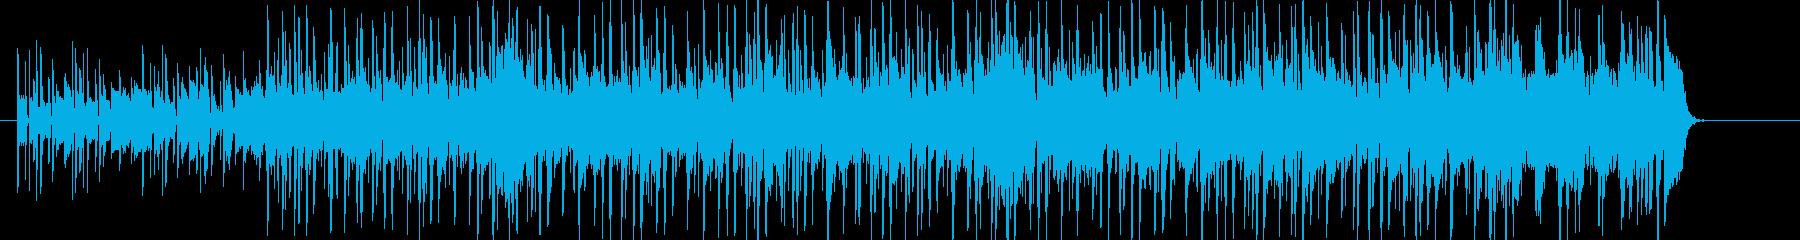 スラップベースが特徴的なワイルドファンクの再生済みの波形